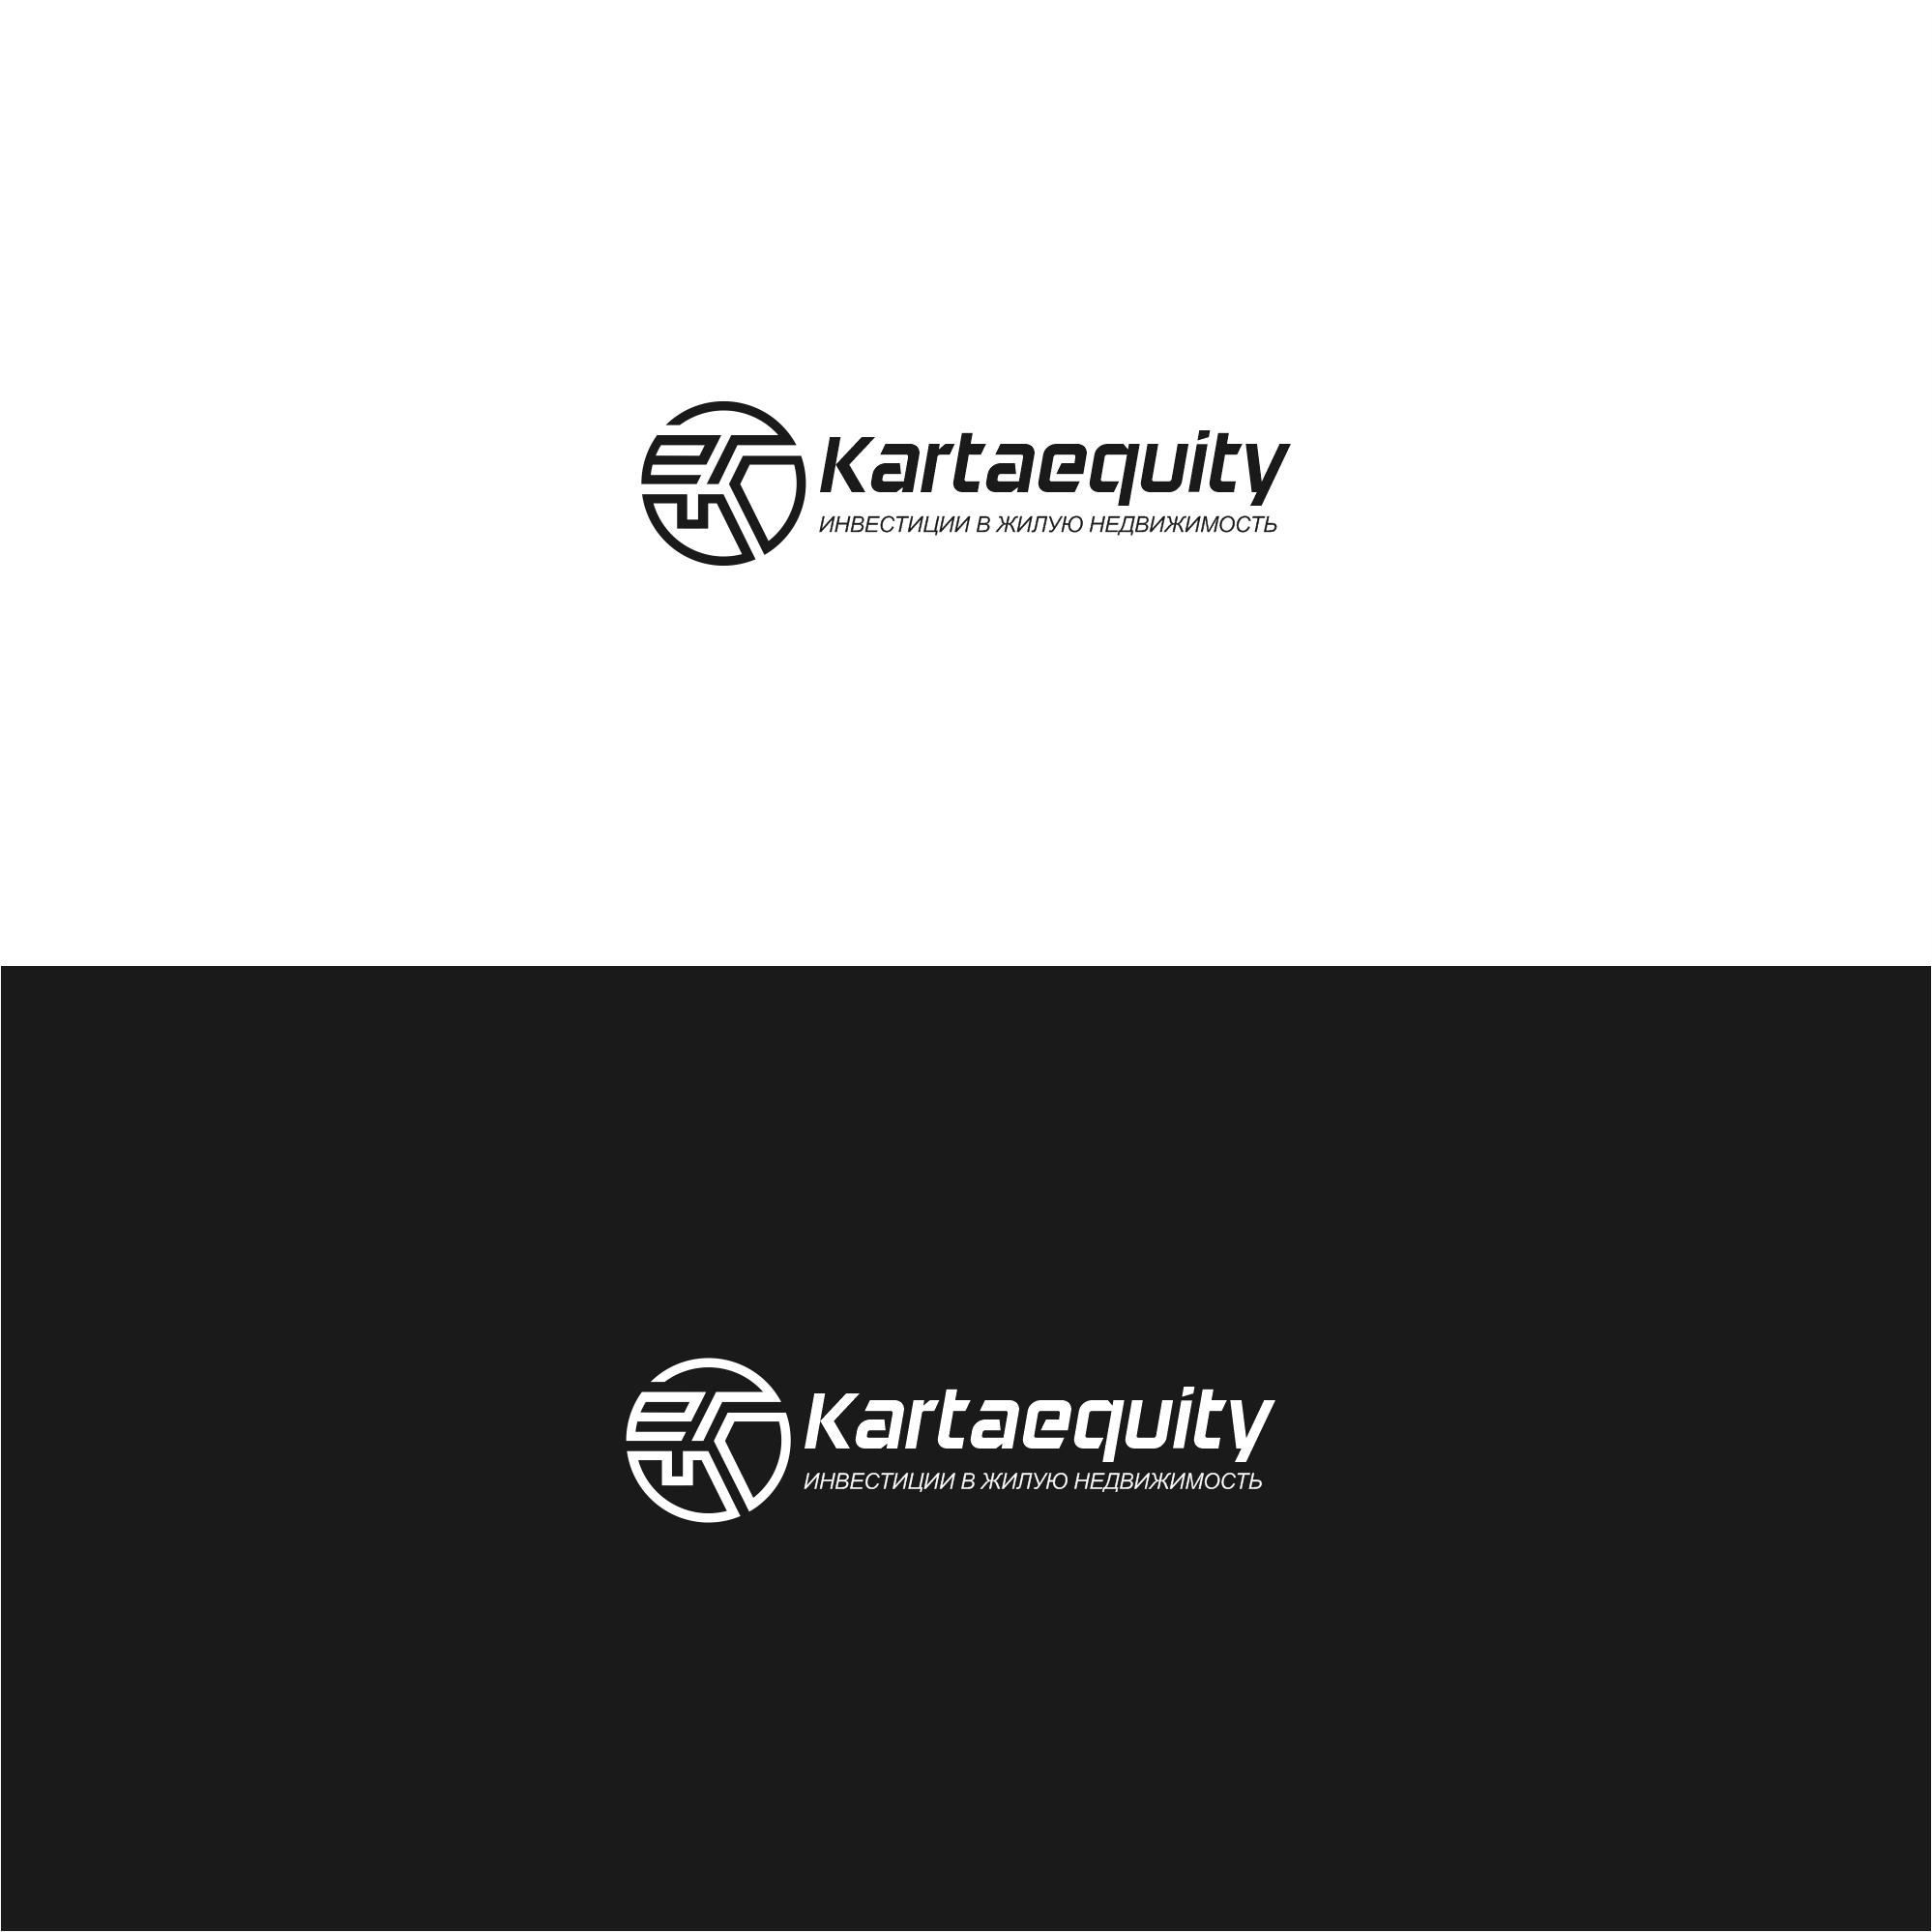 Логотип для компании инвестироваюшей в жилую недвижимость фото f_5735e0efcdc3ab72.jpg